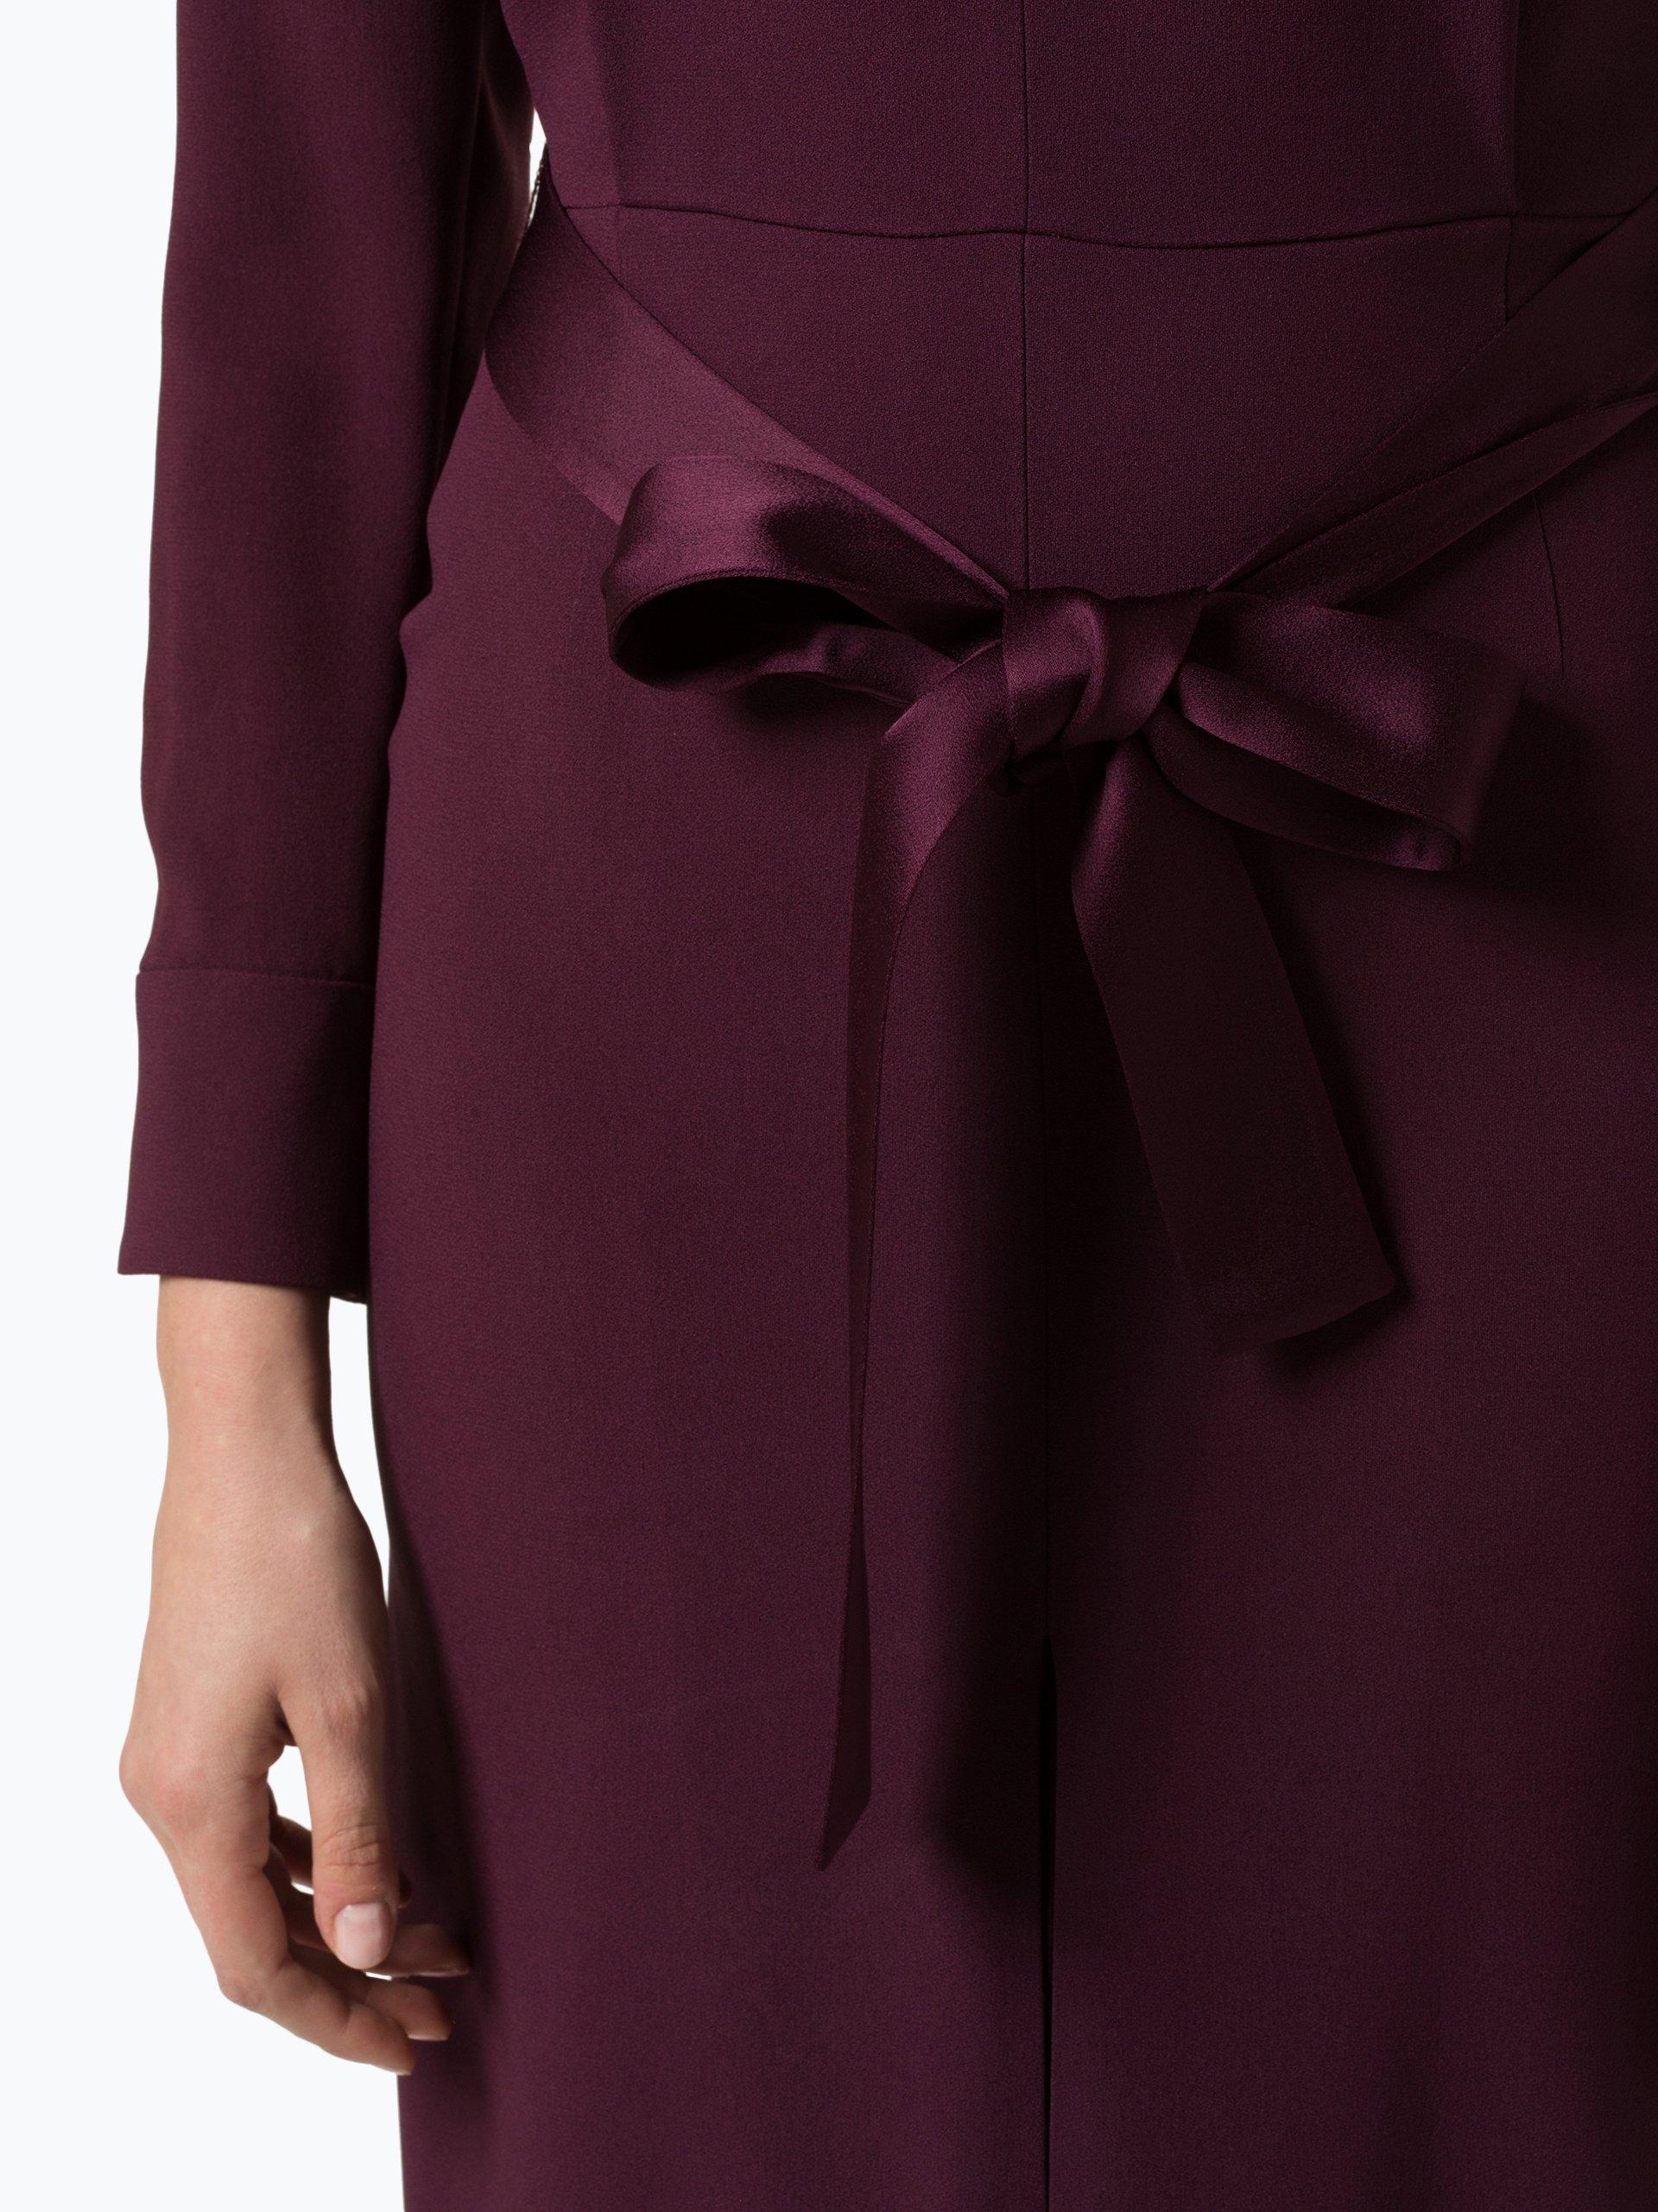 BOSS Damen Kleid - Ducla